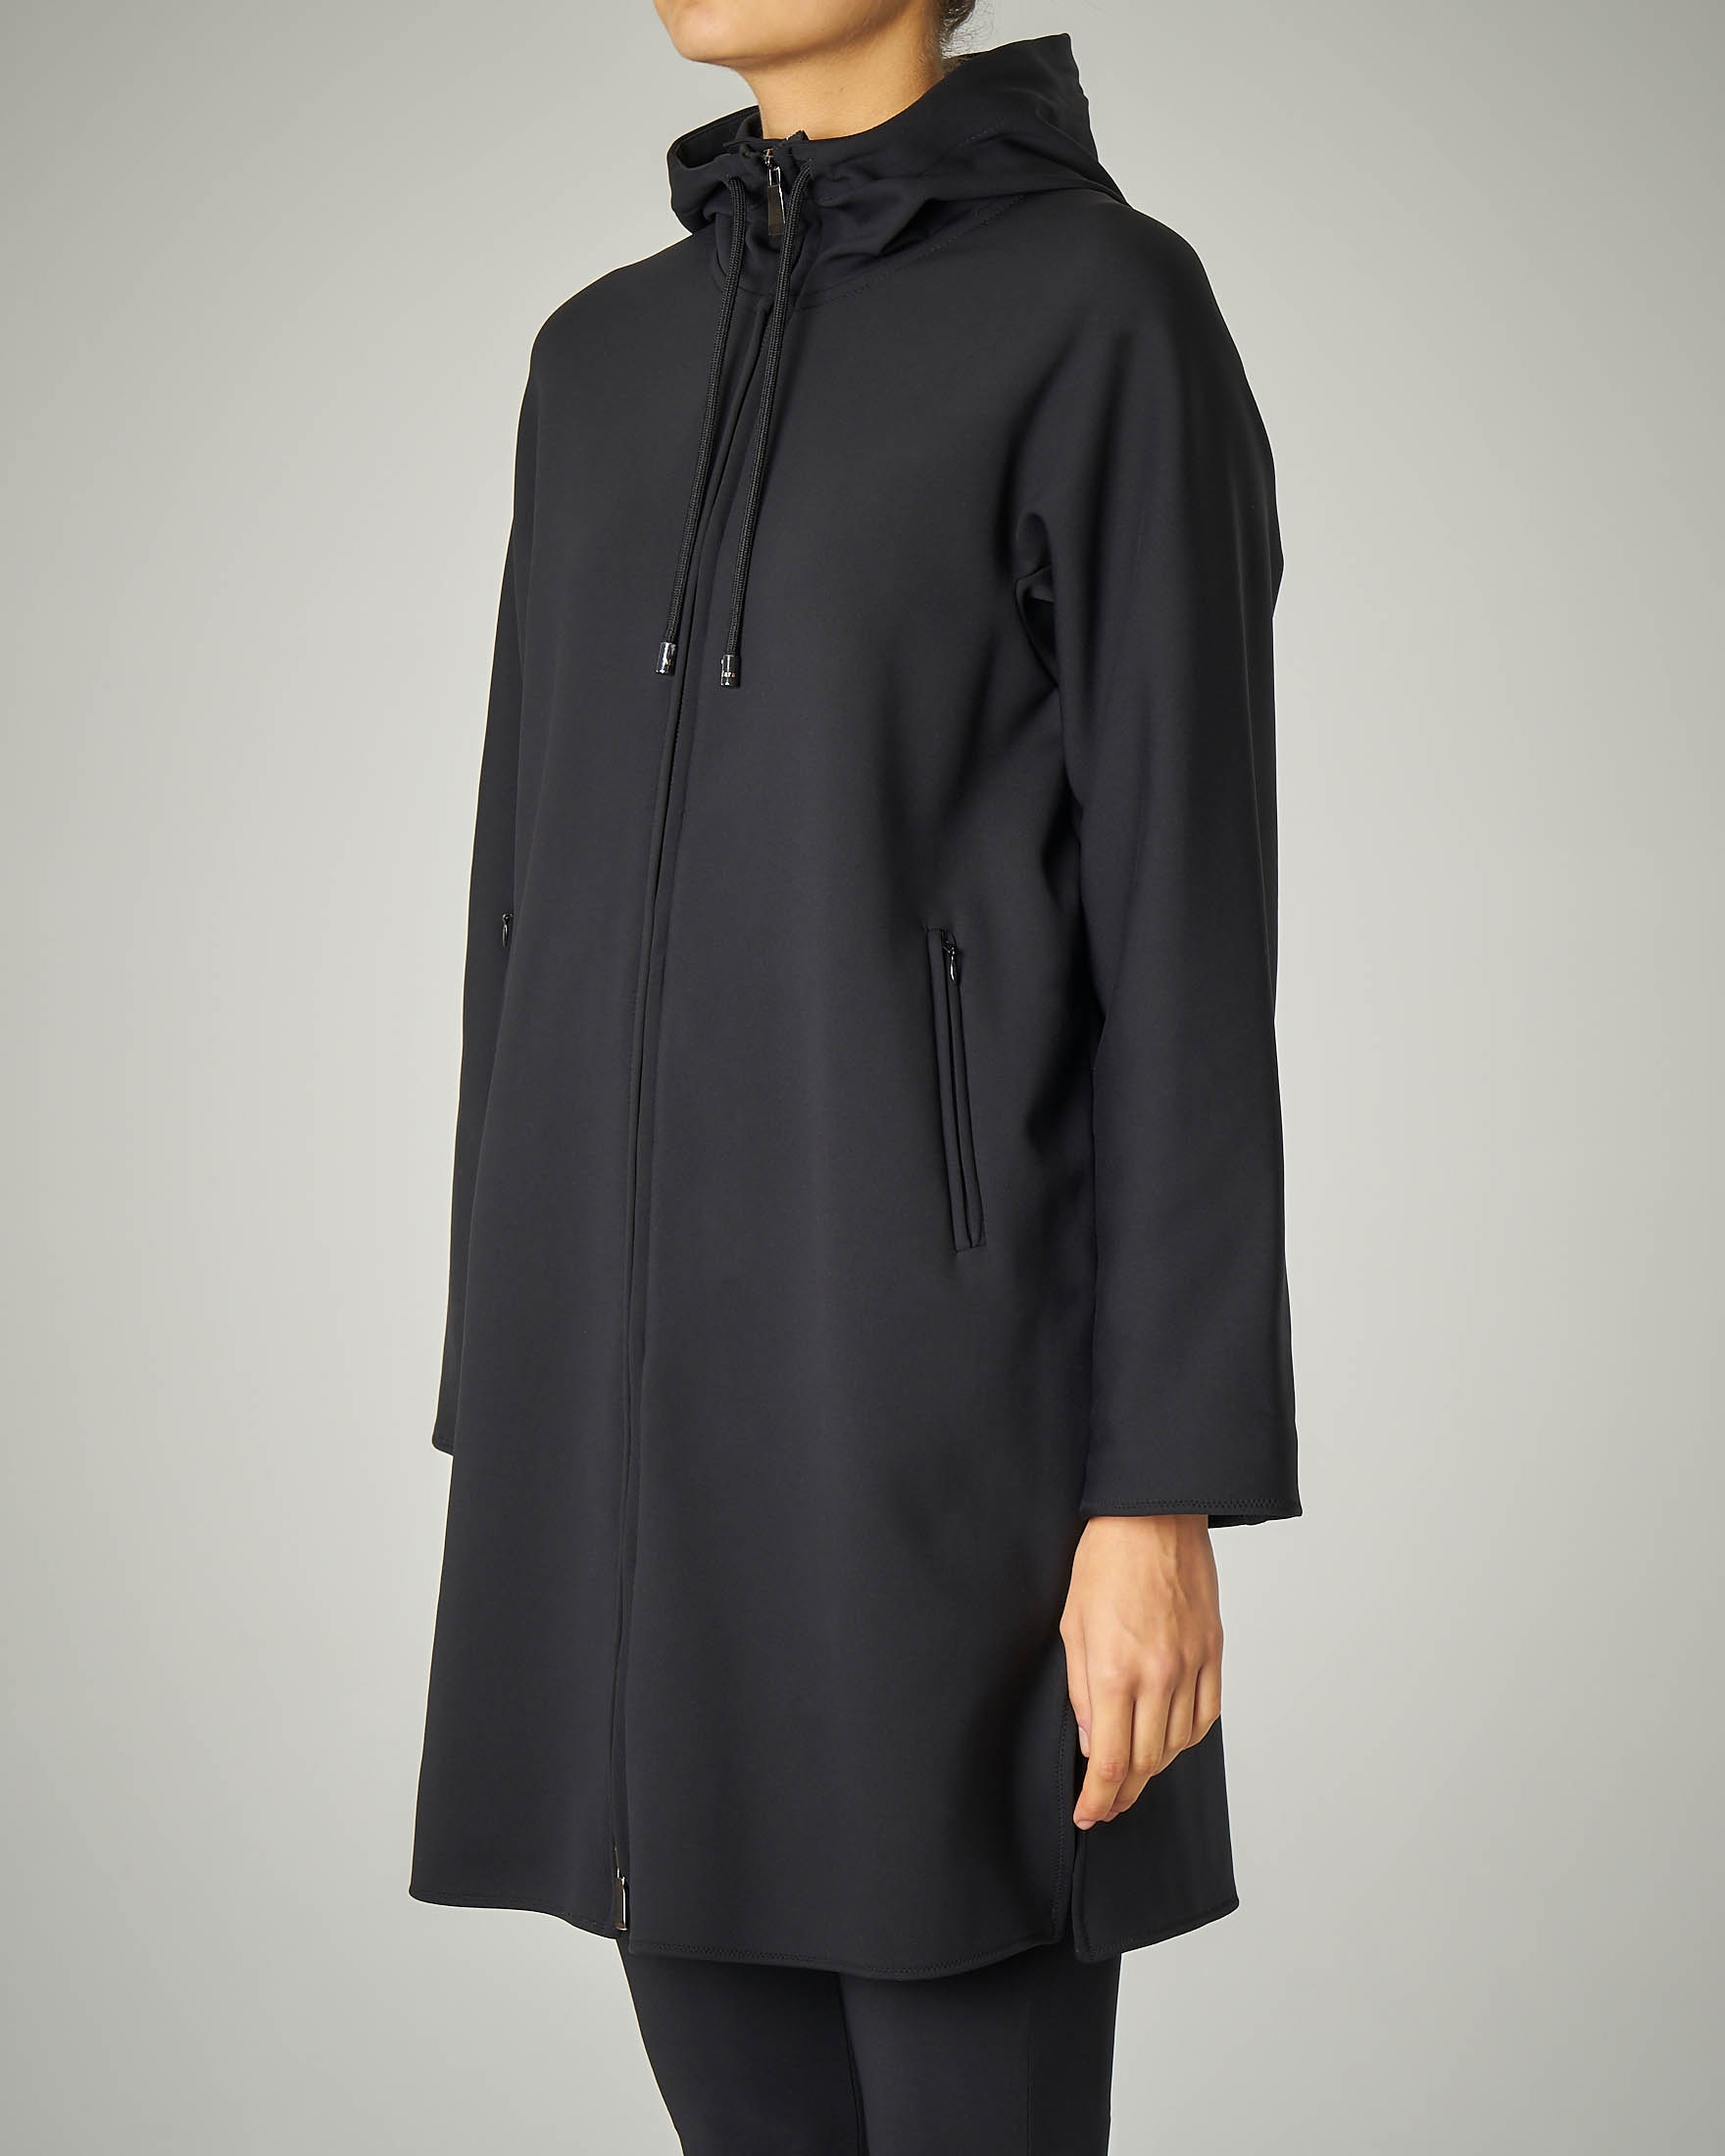 Cappottino in neoprene nero con cappuccio